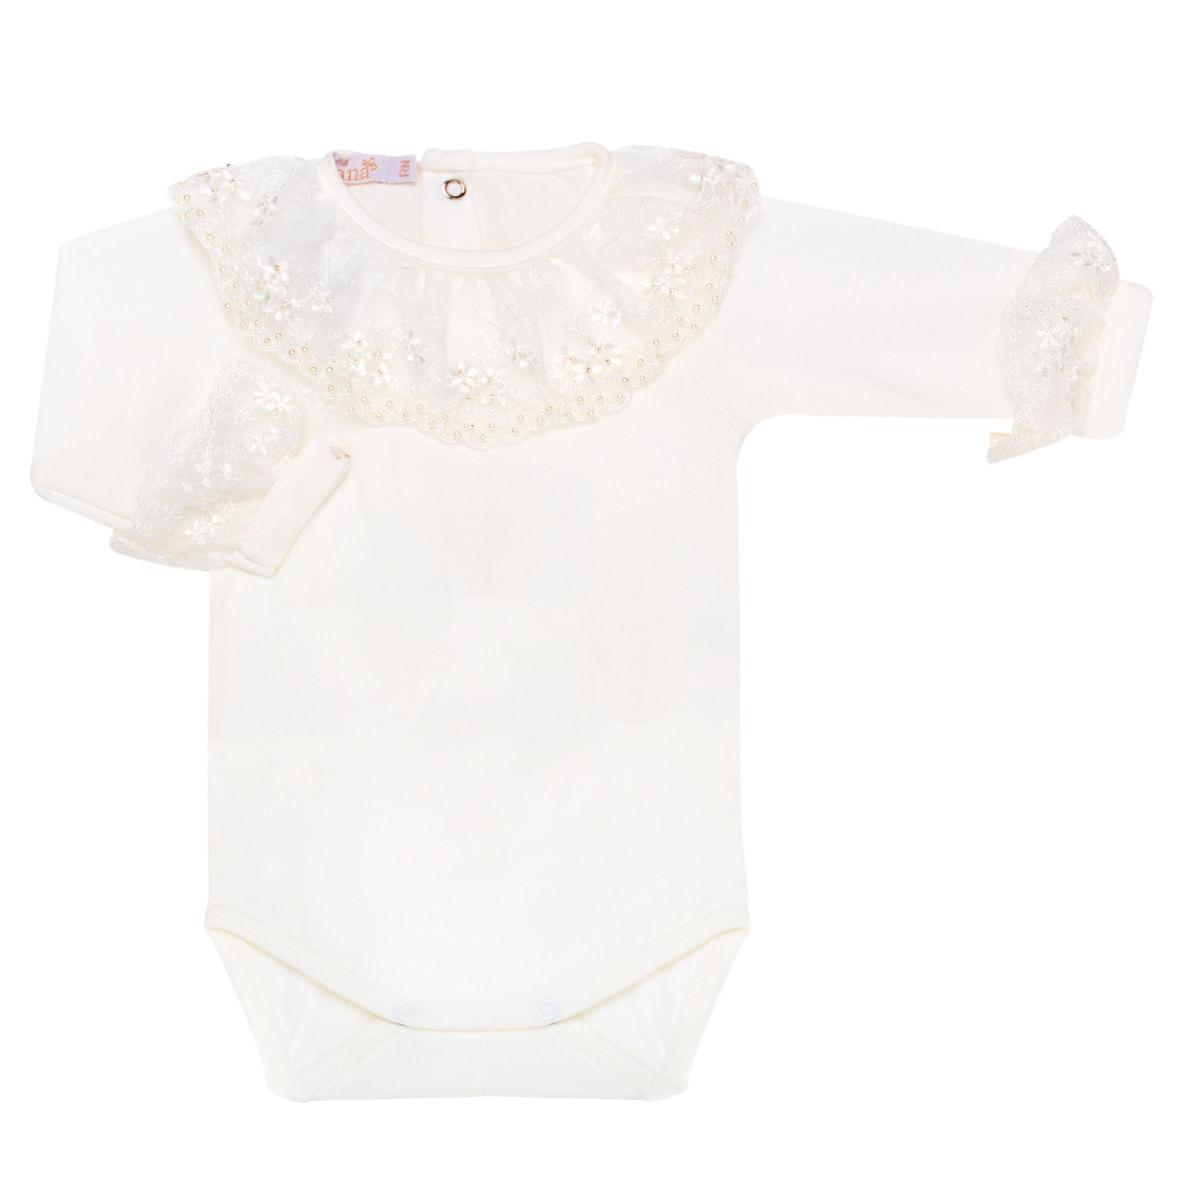 b081fcc06 Body longo em malha Renda Marfim - Roana no Bebefacil a loja onde voce  encontra tudo em roupas enxoval e acessorios para bebes - bebefacil